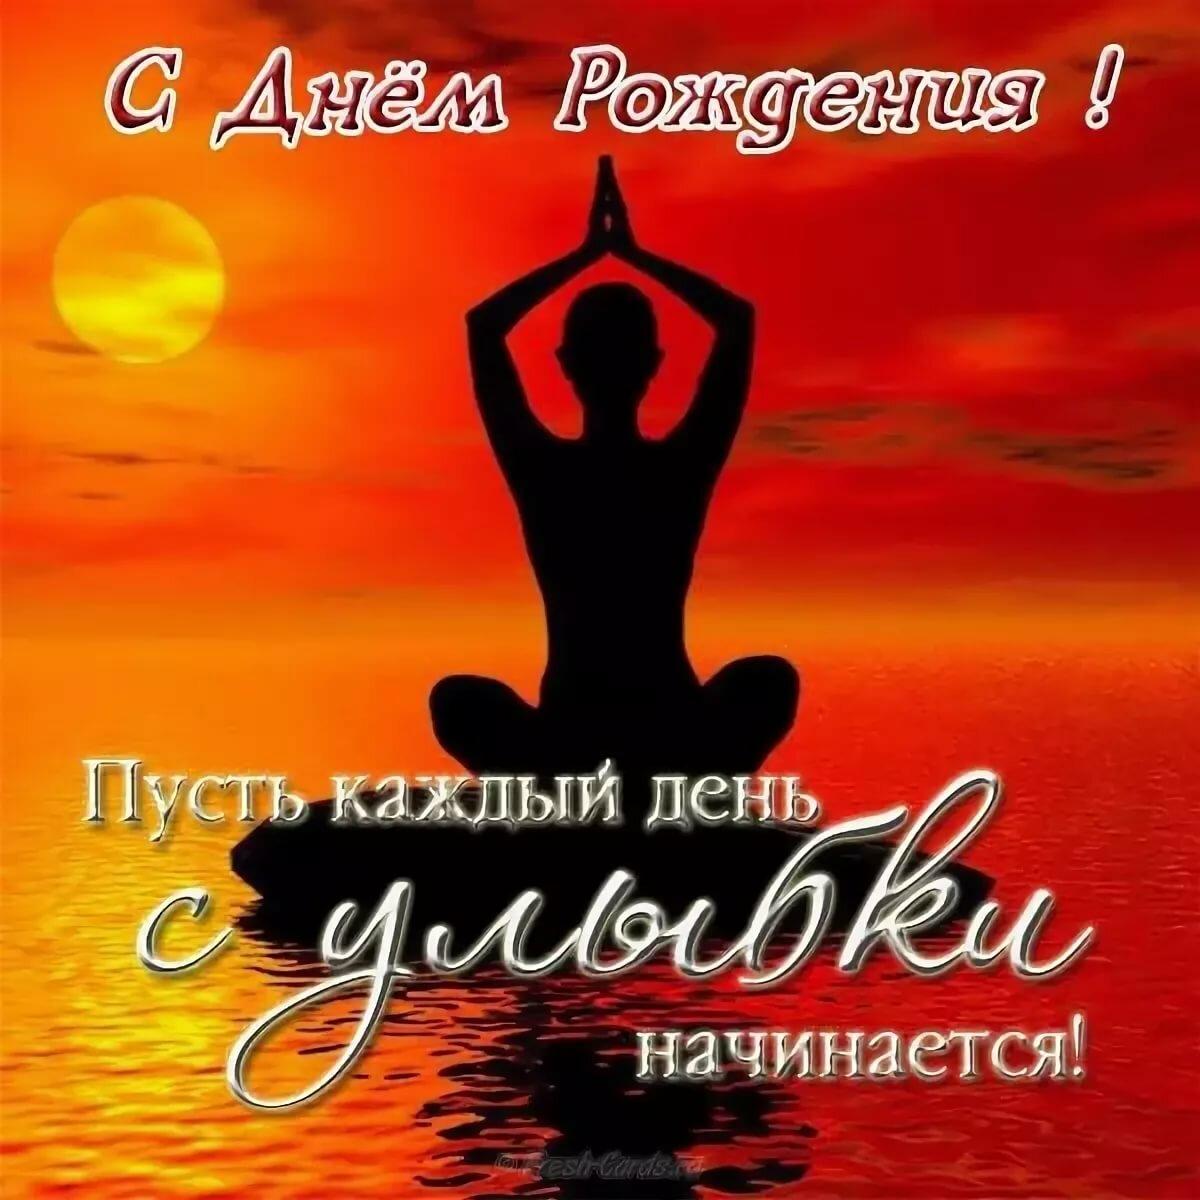 Открытки с днем рождения женщине йога